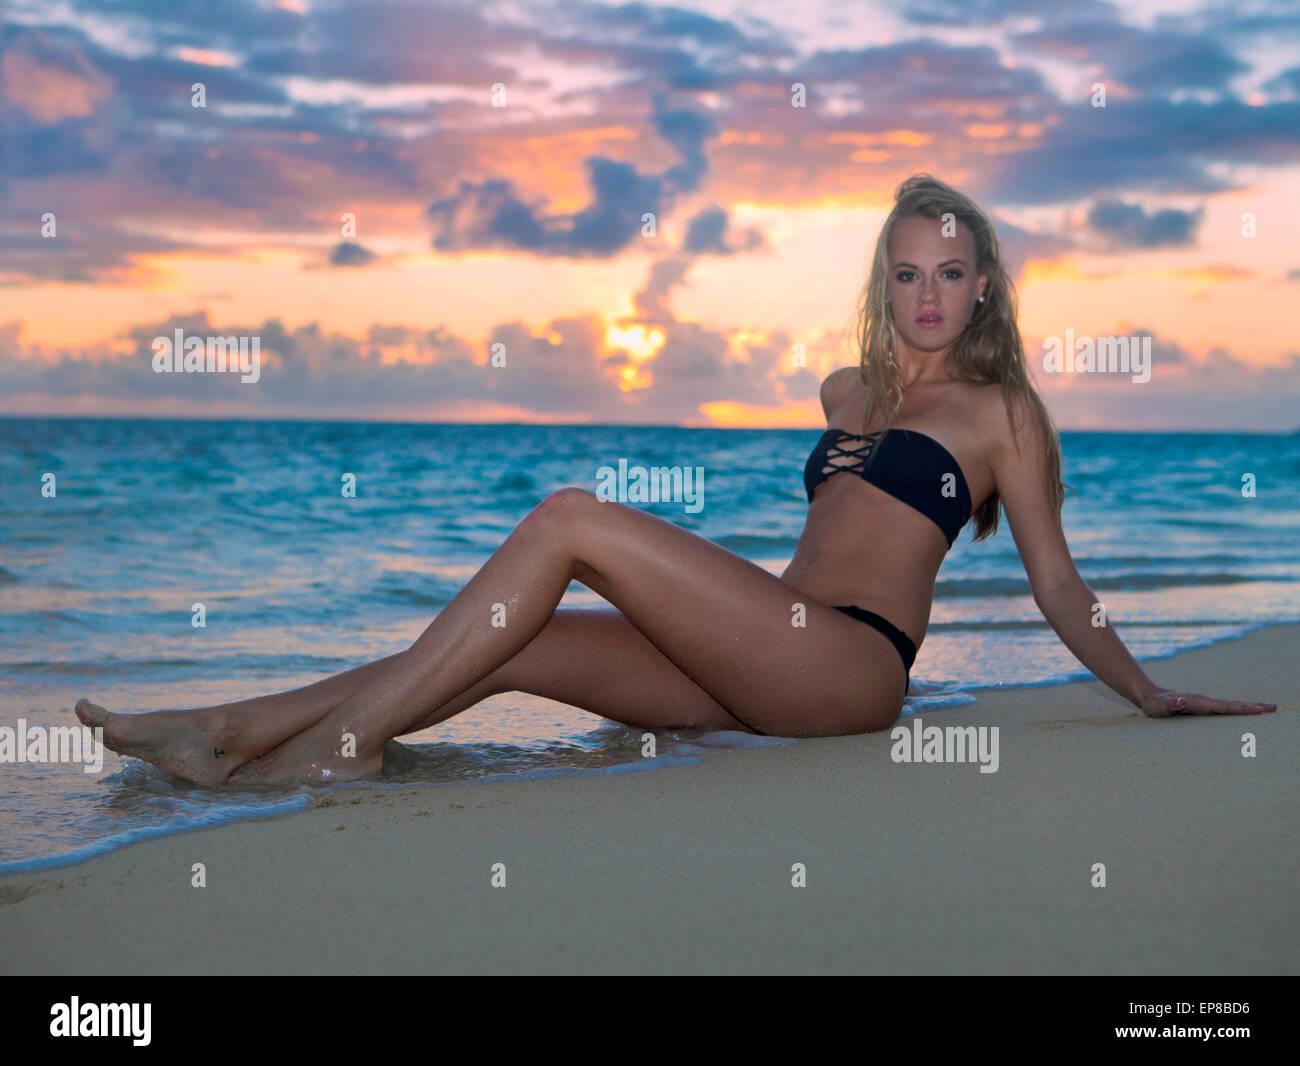 beautiful blond girl in bikini at the beach - Stock Image